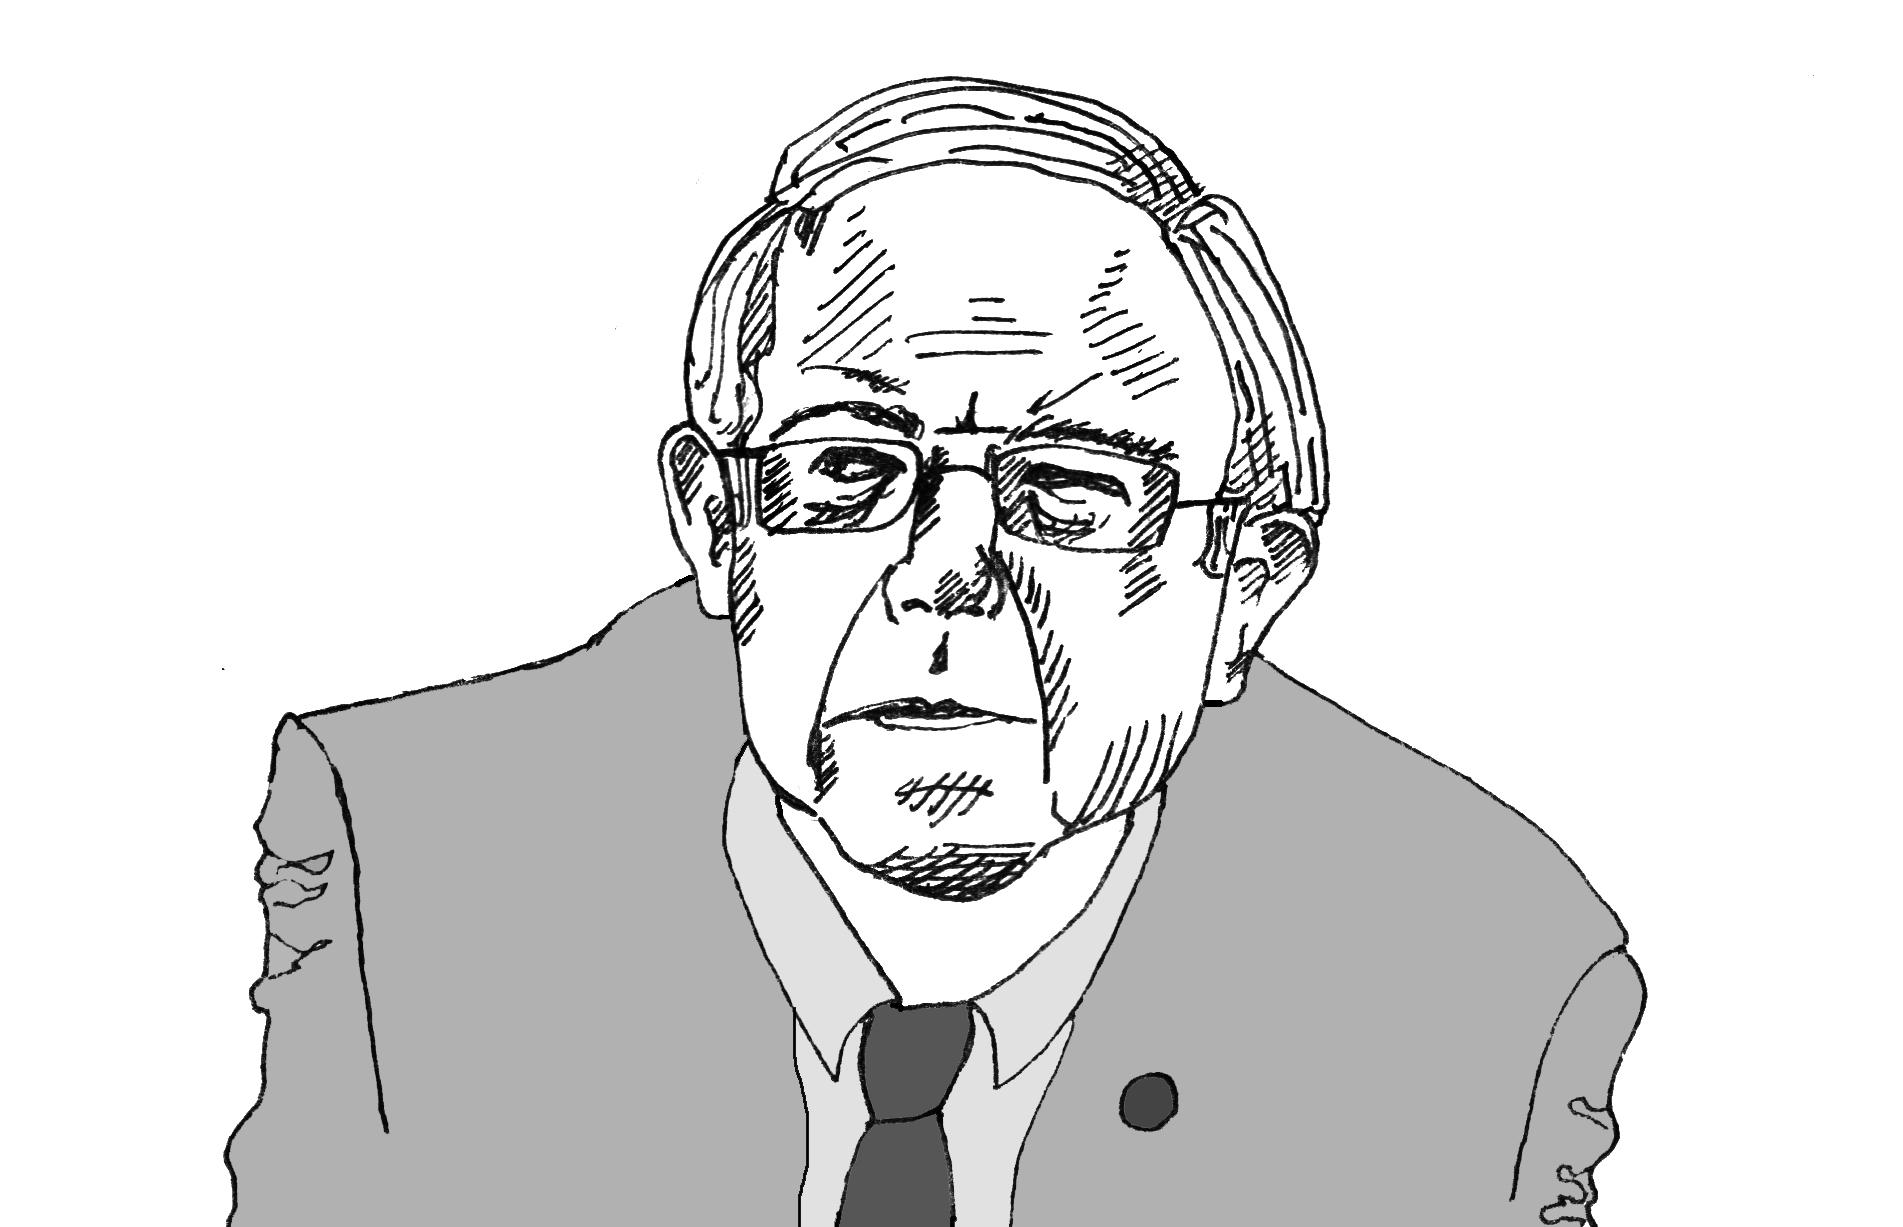 O'Rourke Joins Sanders in Slamming Biden for Taking PAC Money